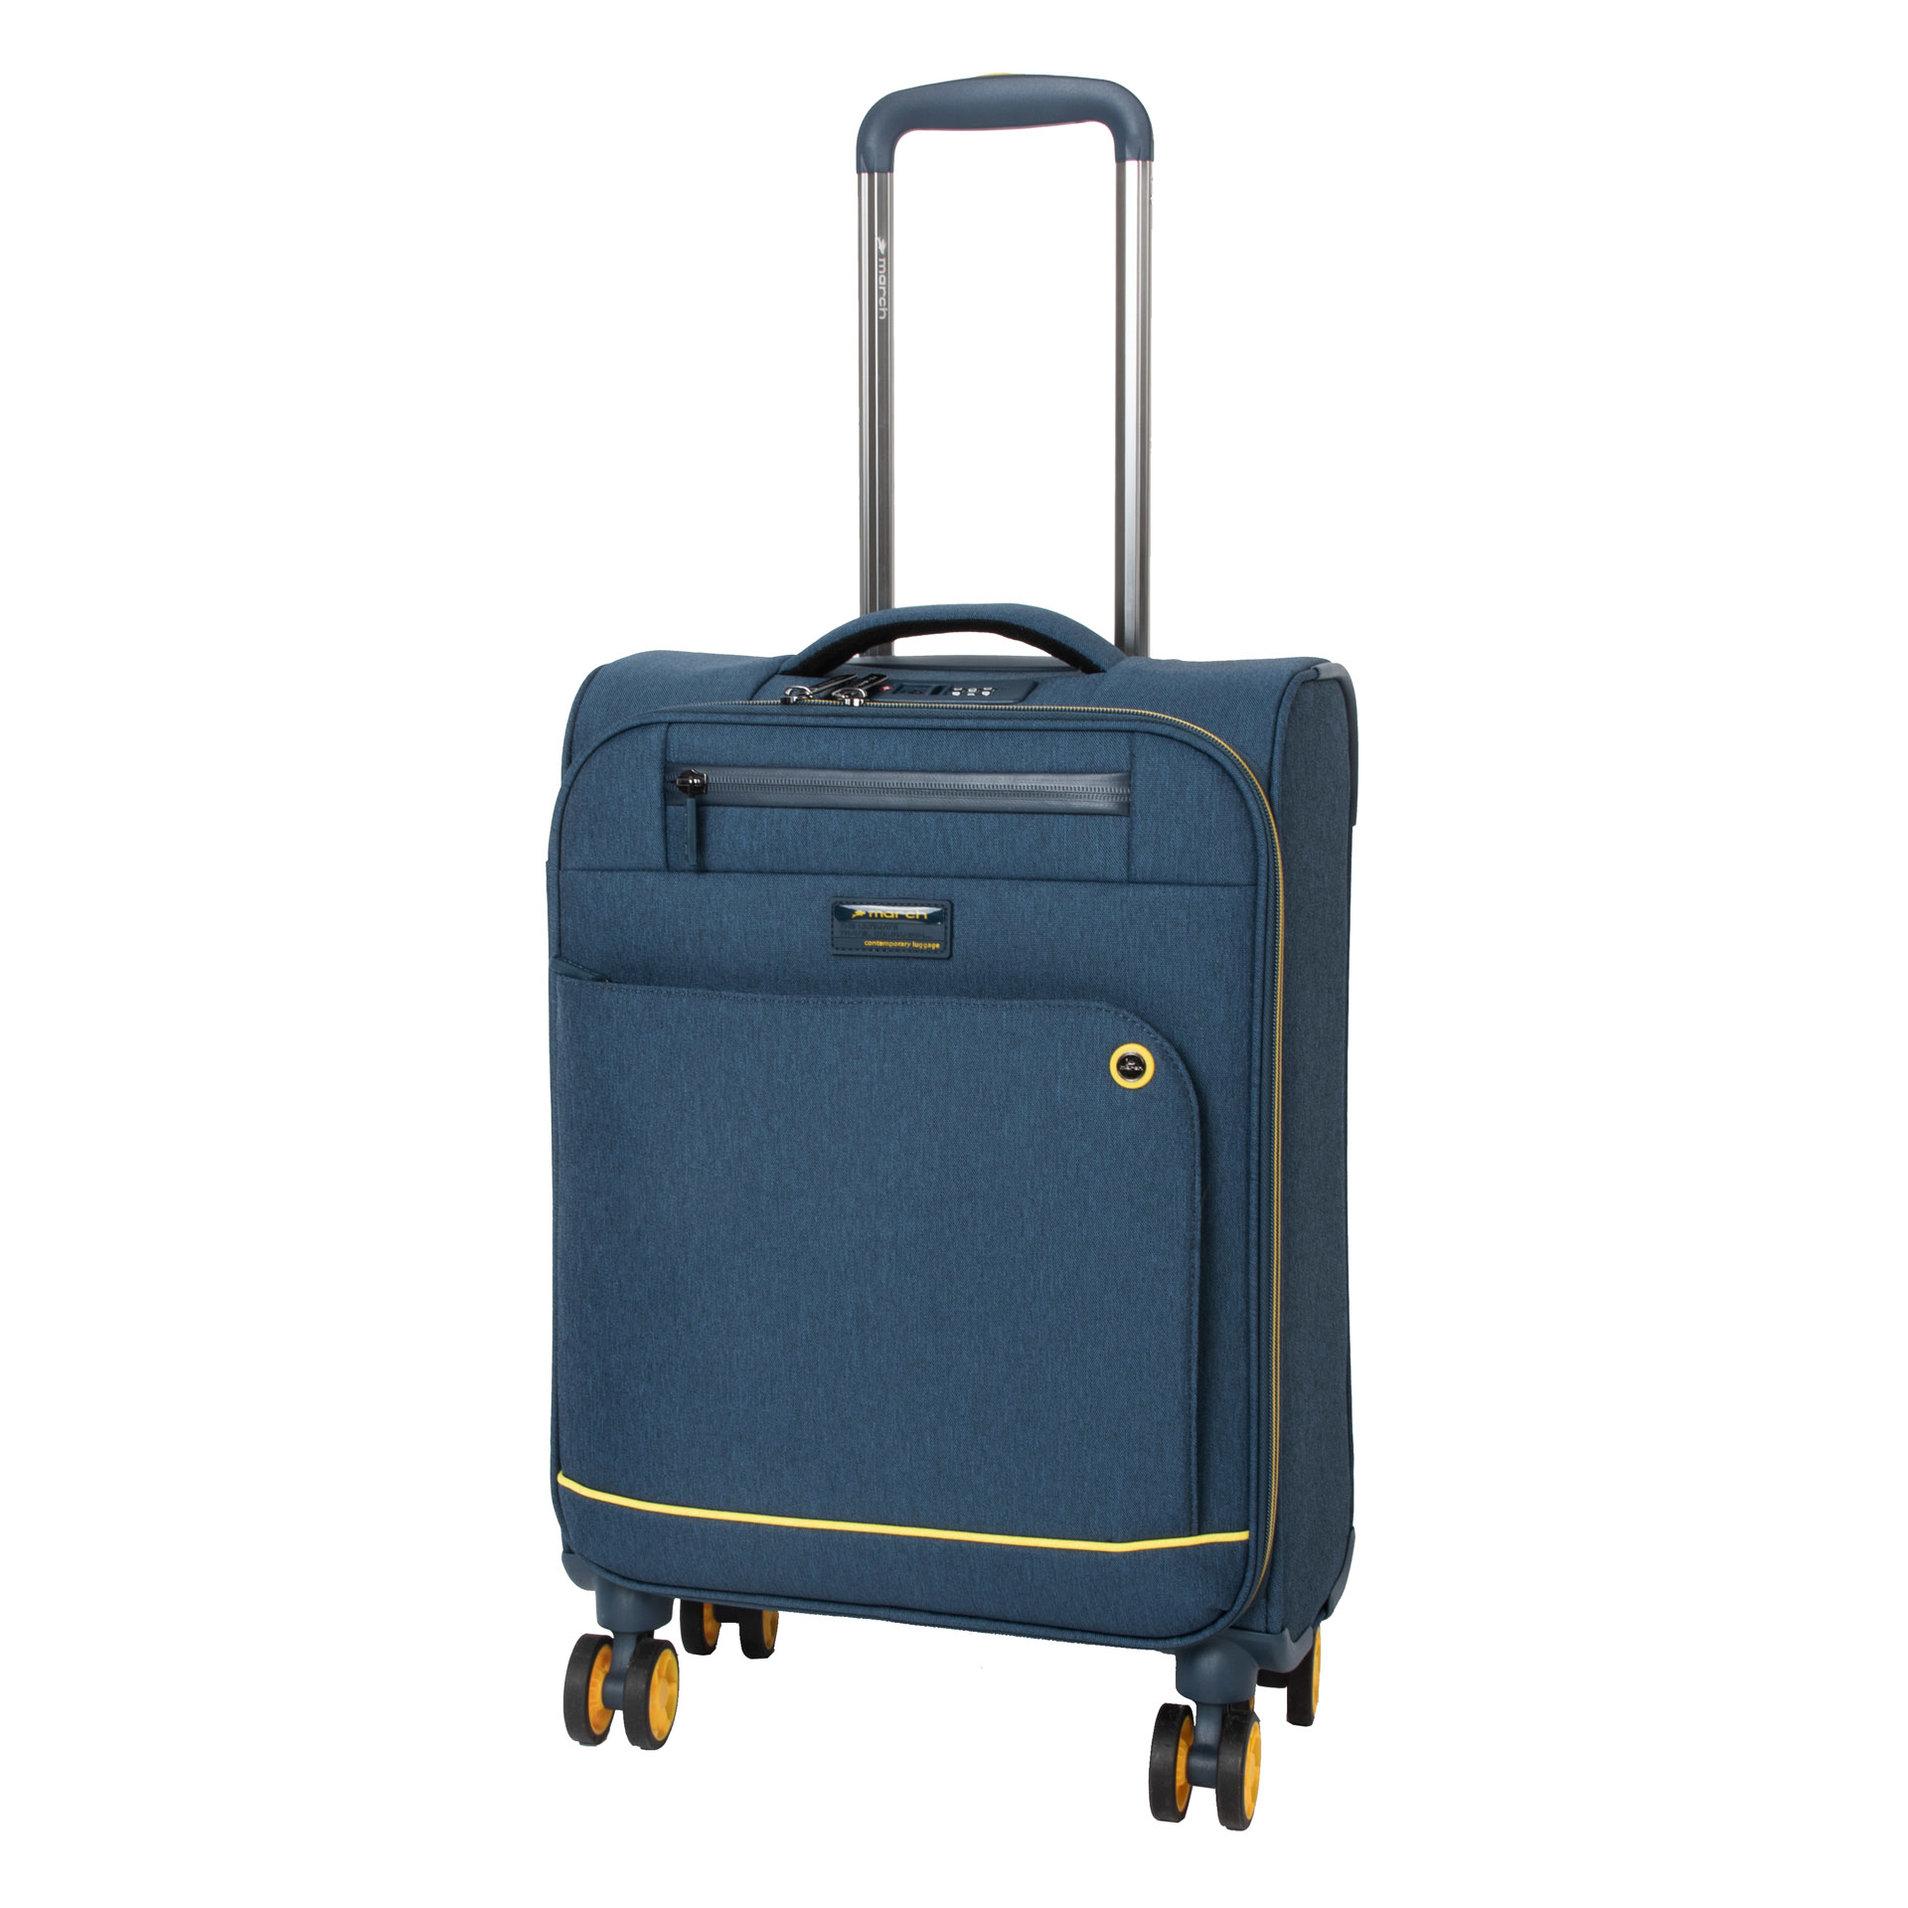 Cestovní kufr March Shorttrack S Navy/yellow